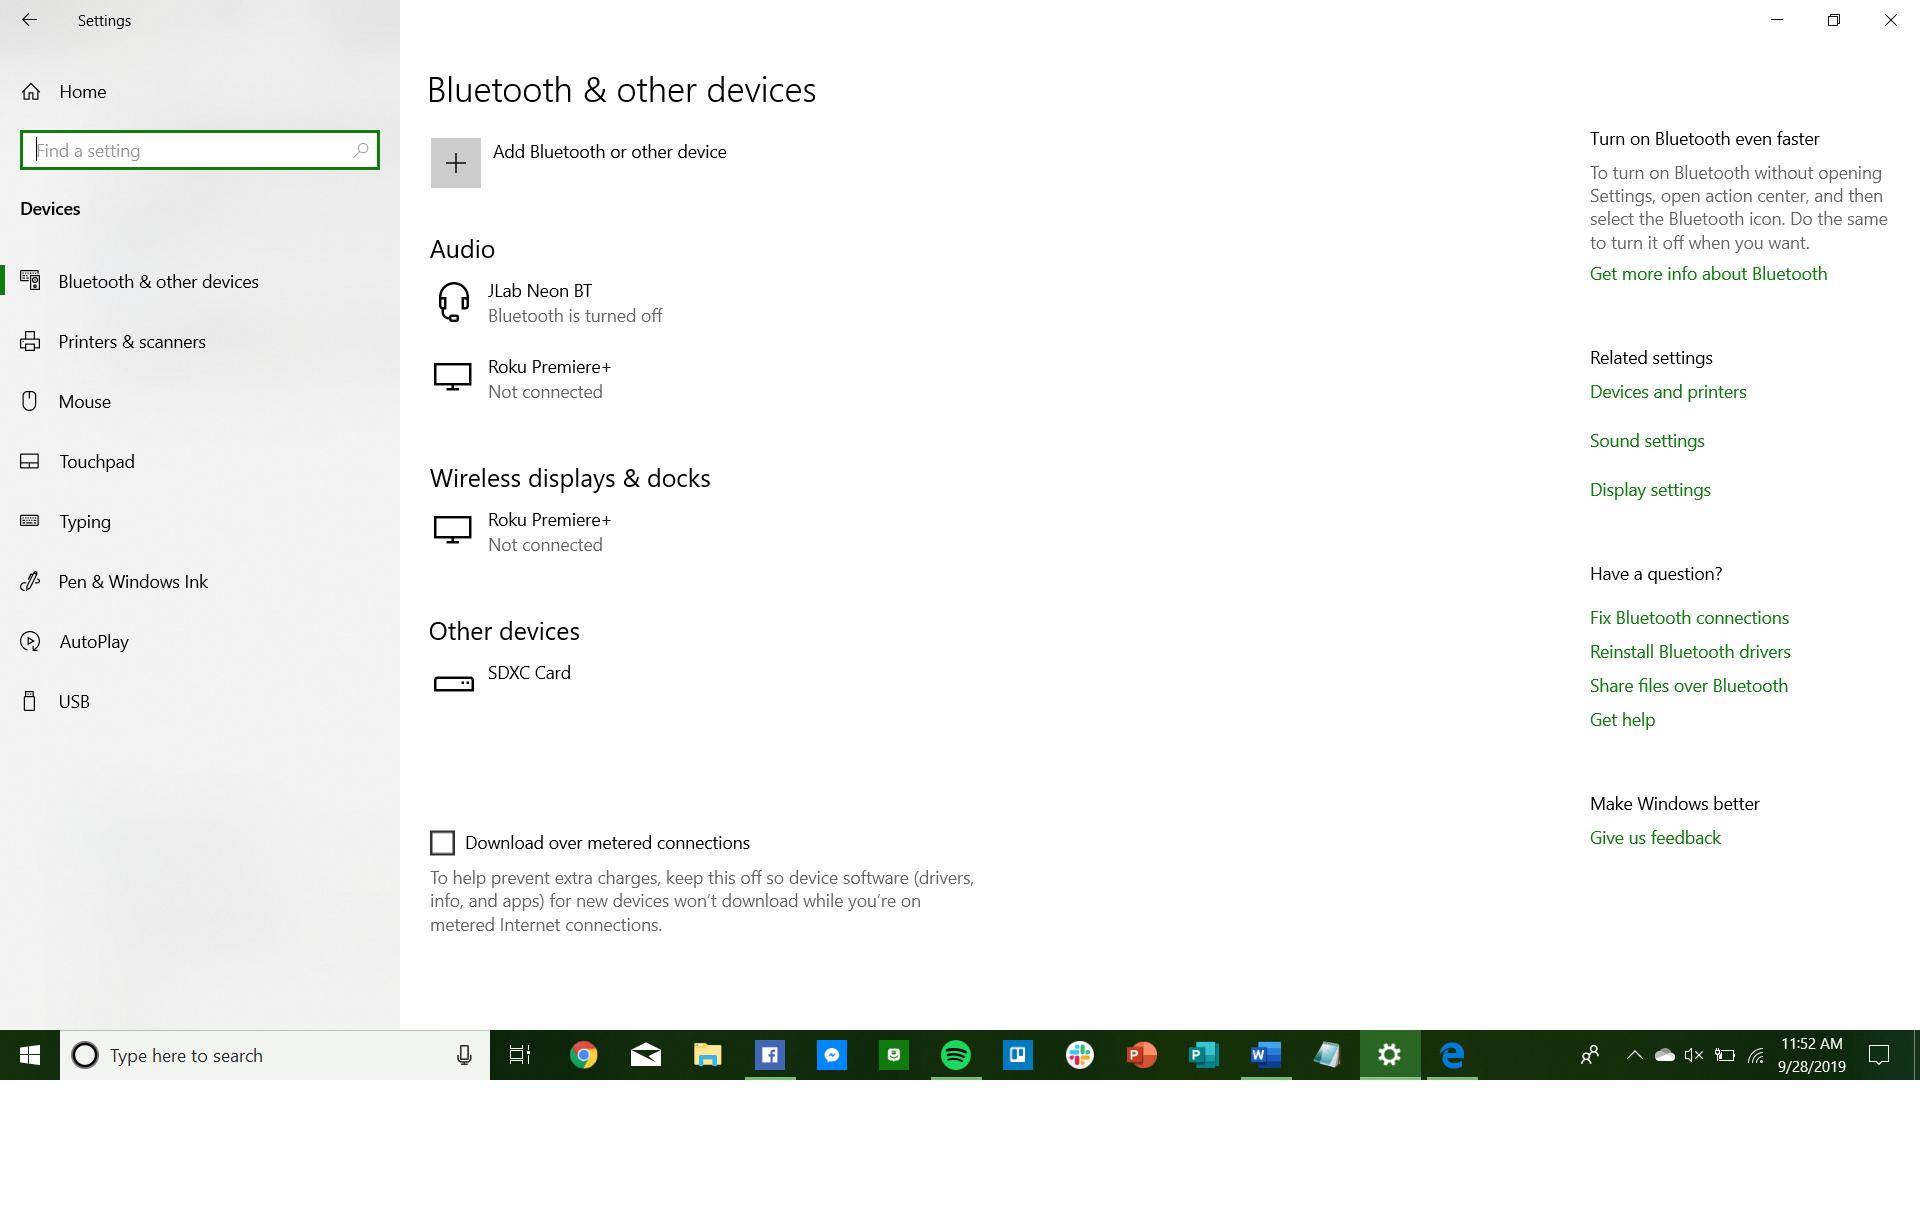 Bluetooth Issue on Windows 10 70b7d108-6e71-40bd-89d7-0e5e2cf0f2fe?upload=true.png